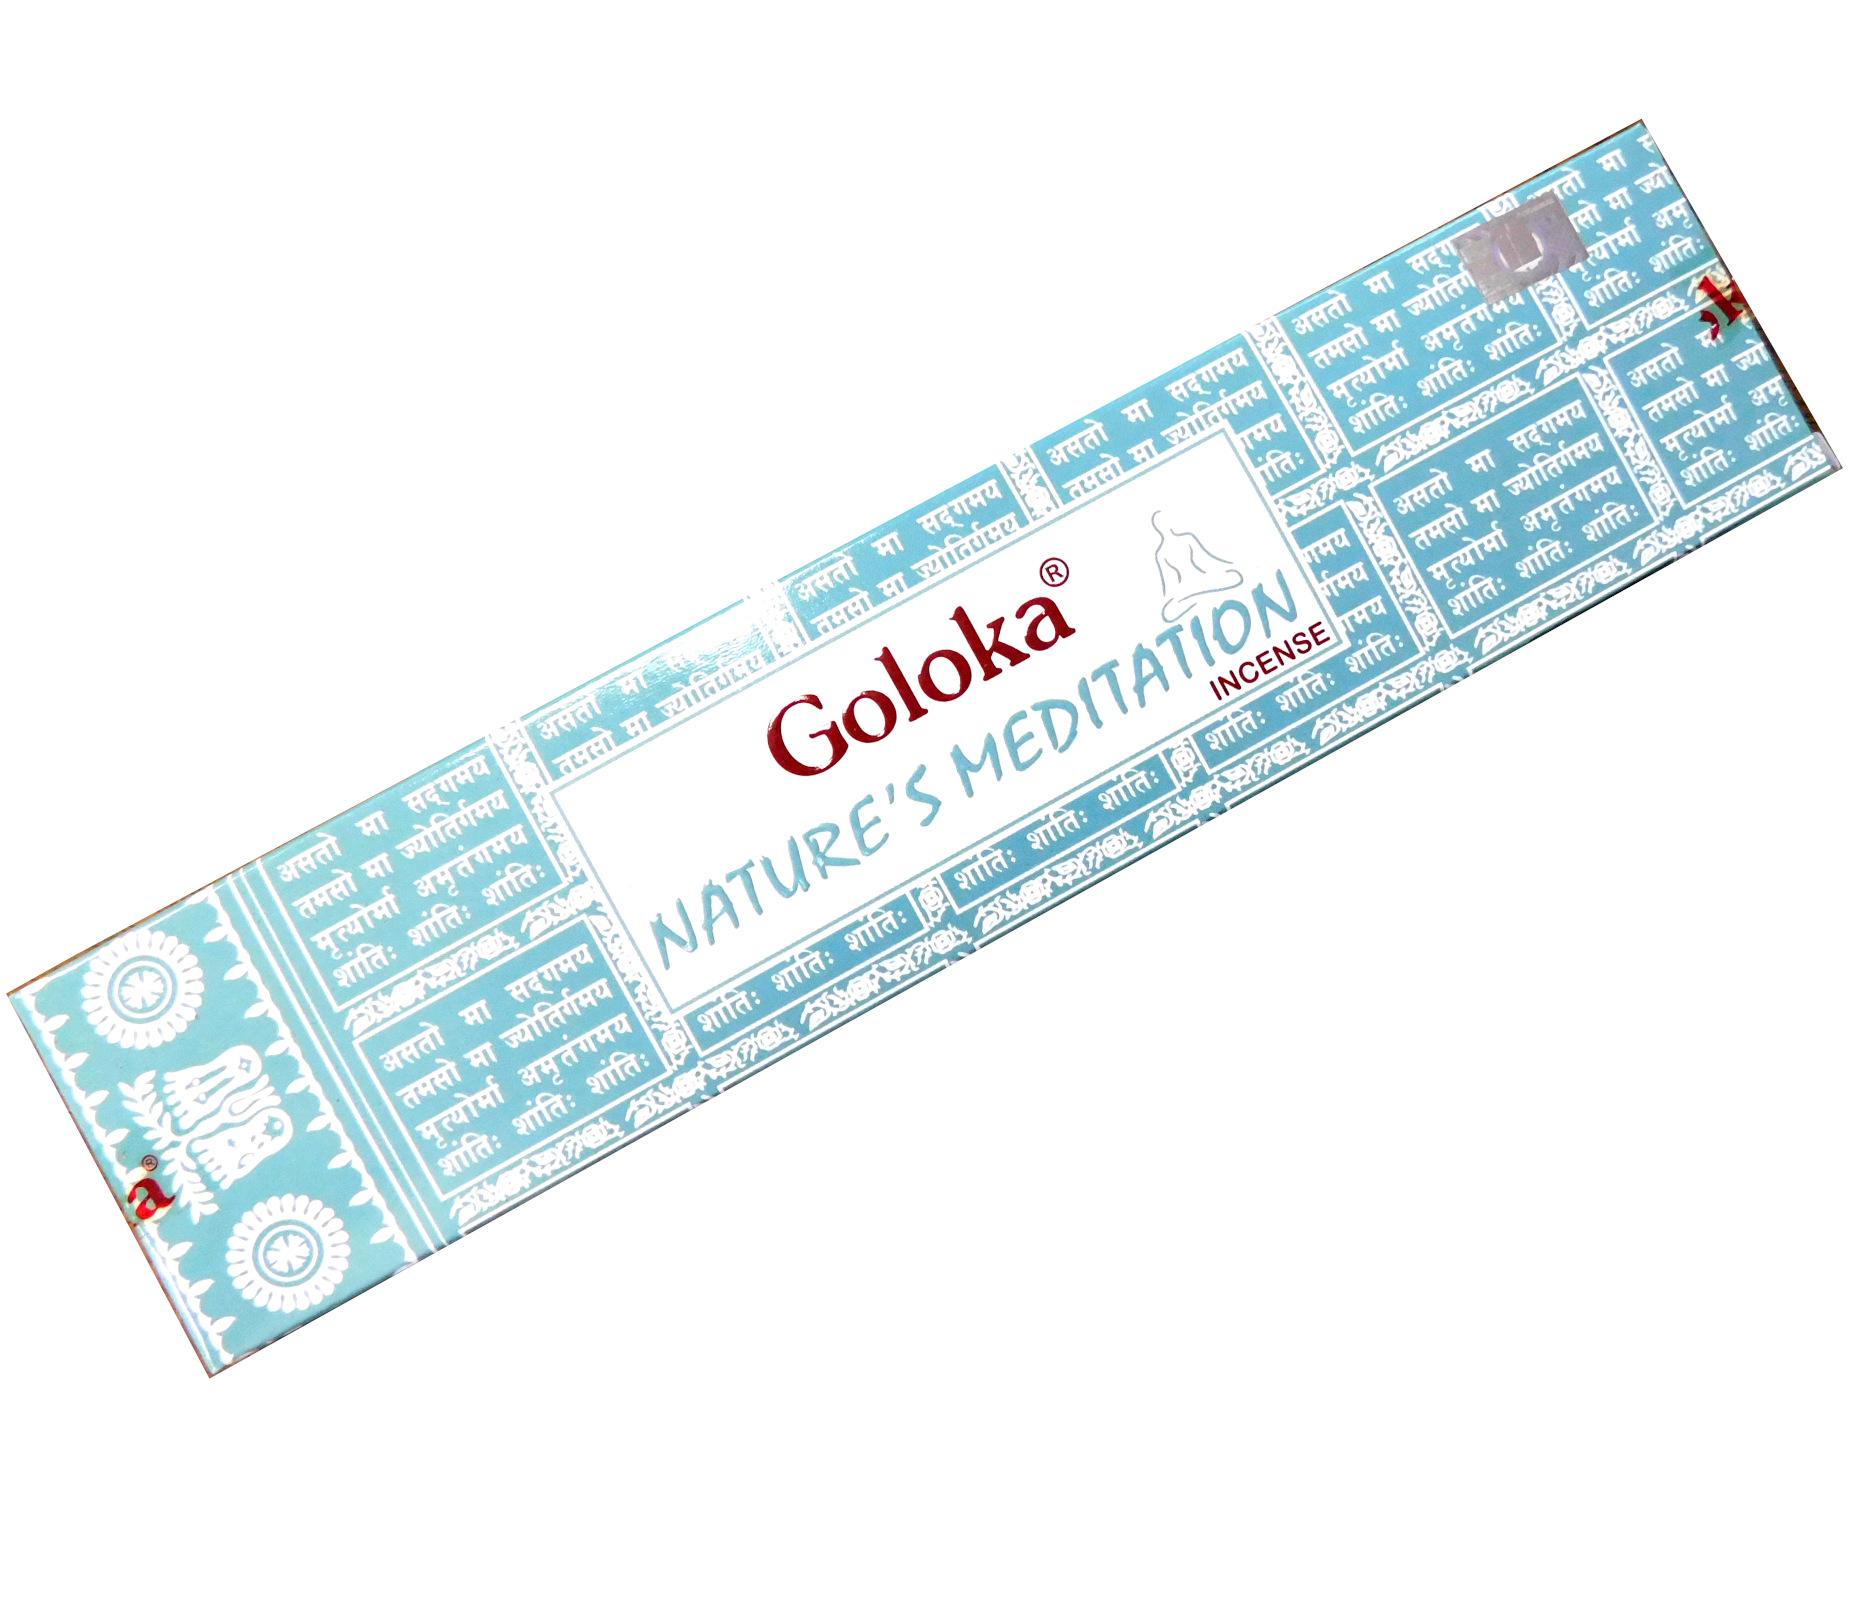 Räucherstäbchen Goloka Nature´s Meditation